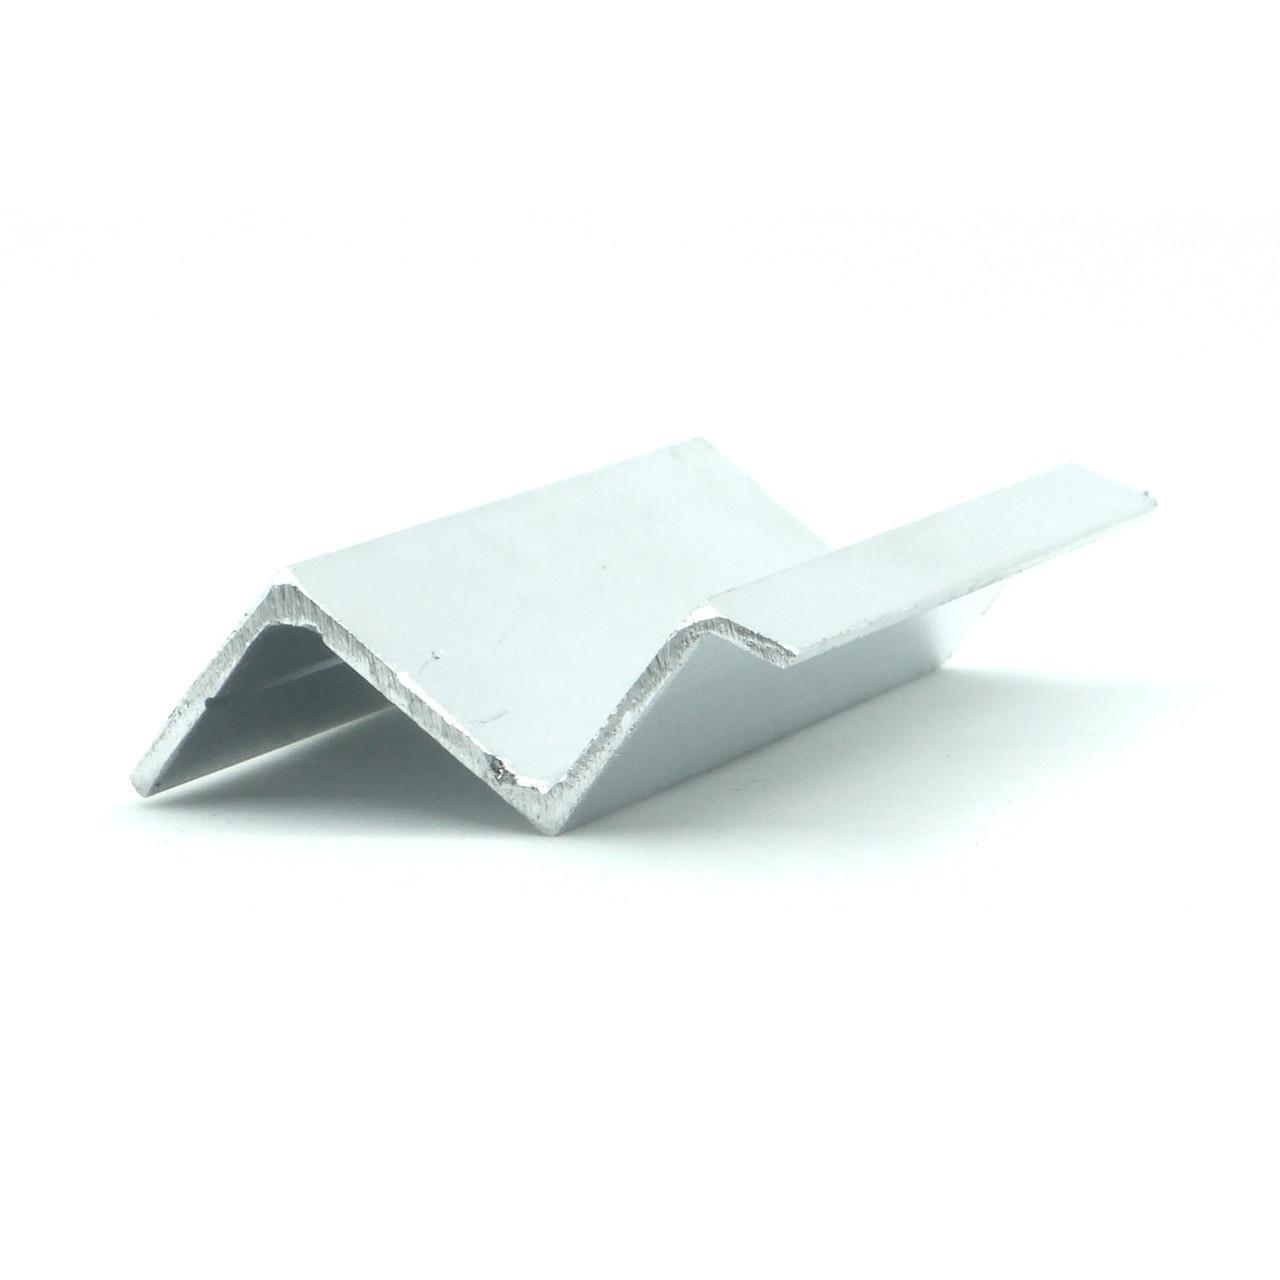 Профіль алюмінієвий для натяжних стель - Z-образний для багаторівневих натяжних стель. Довжина профілю 2,5 м.